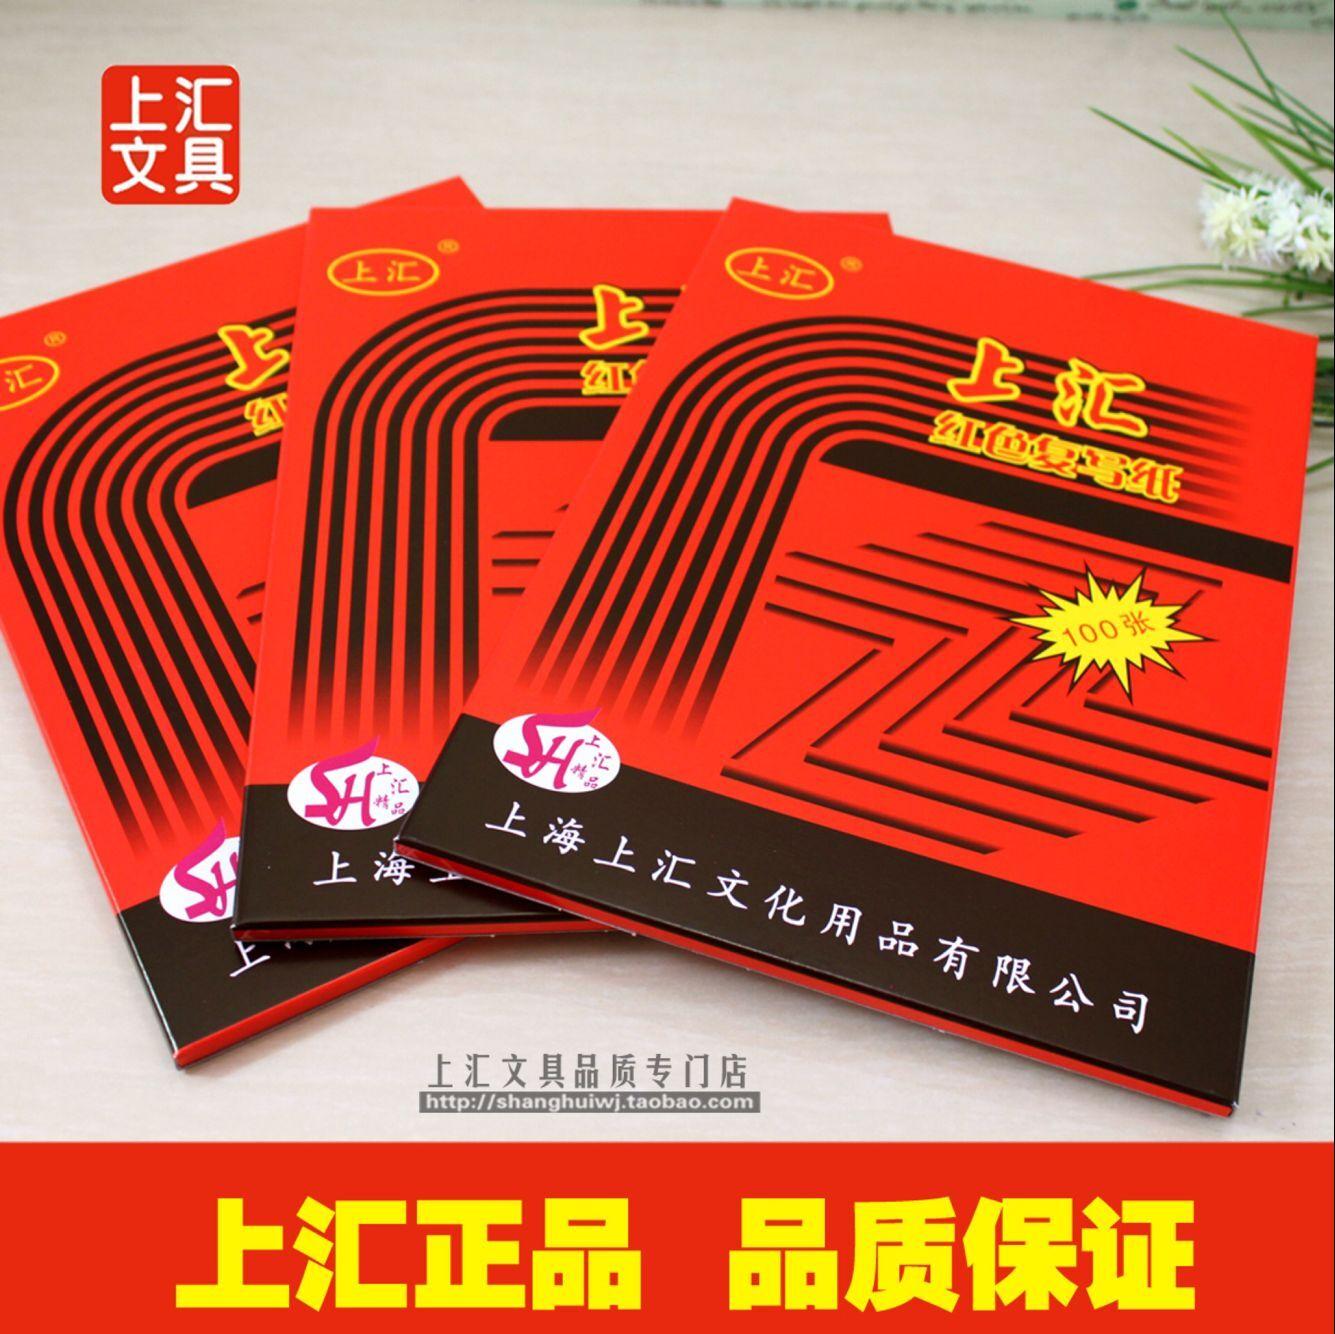 Бесплатная доставка на обмен комплекс запись бумага 16K красный высокой уровень комплекс запись бумага копия бумага 18.5X25.5 деньги бизнес офис 100 чжан